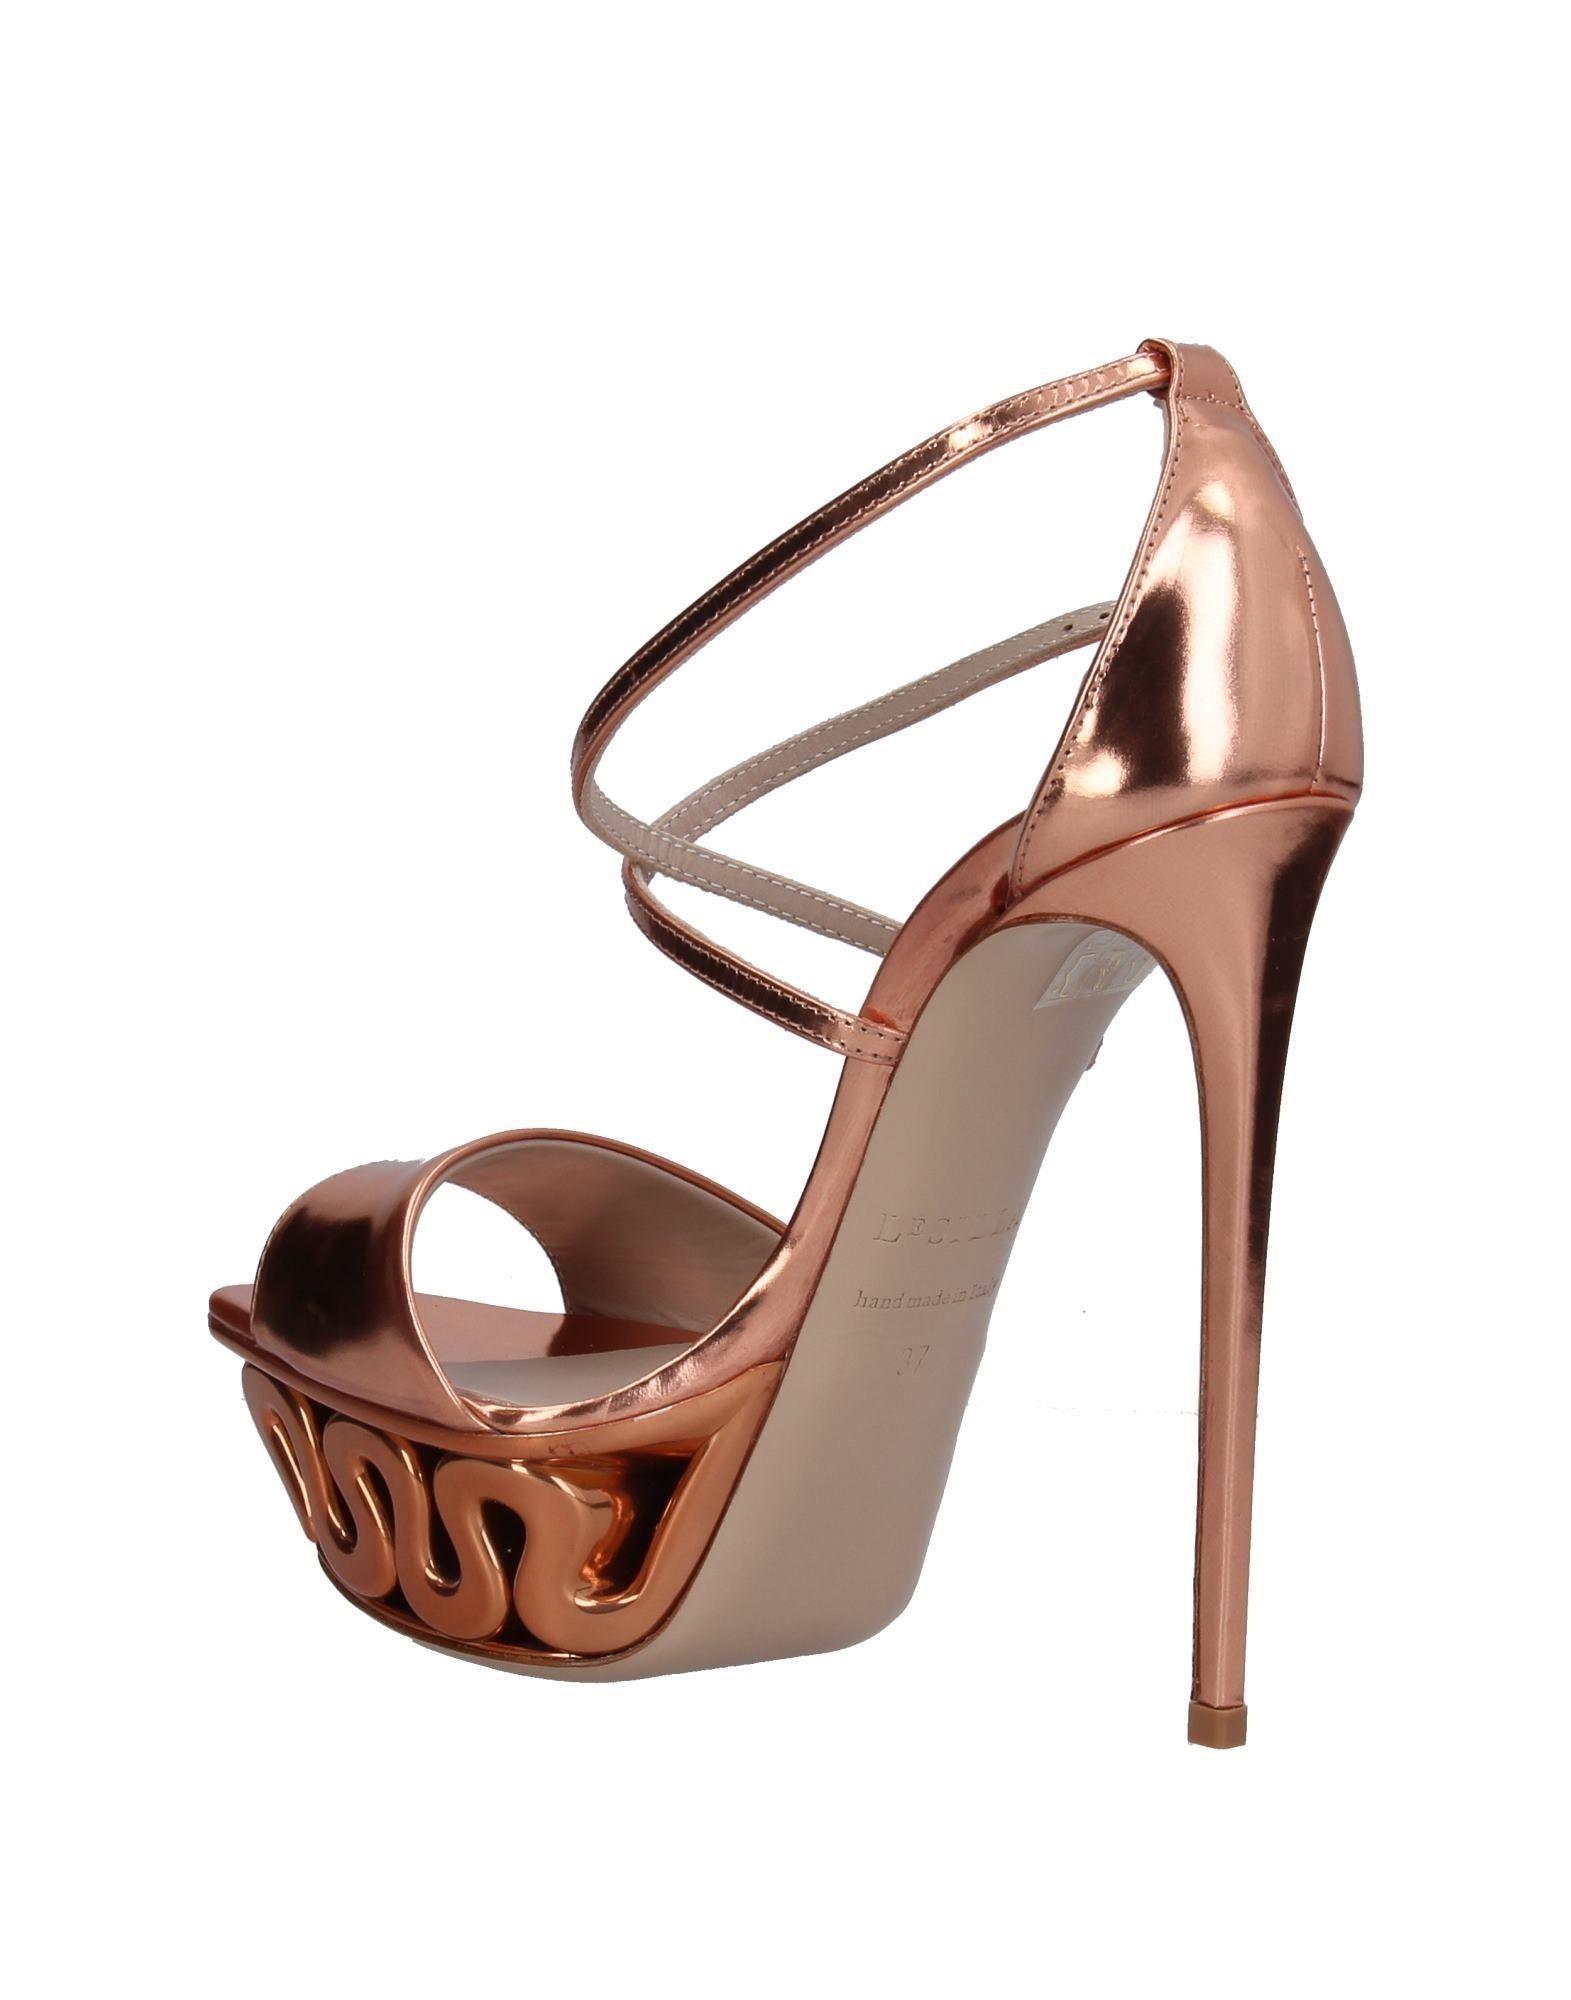 Klassischer Stil-3810,Le Silla es Sandalen Damen Gutes Preis-Leistungs-Verhältnis, es Silla lohnt sich 614c9b